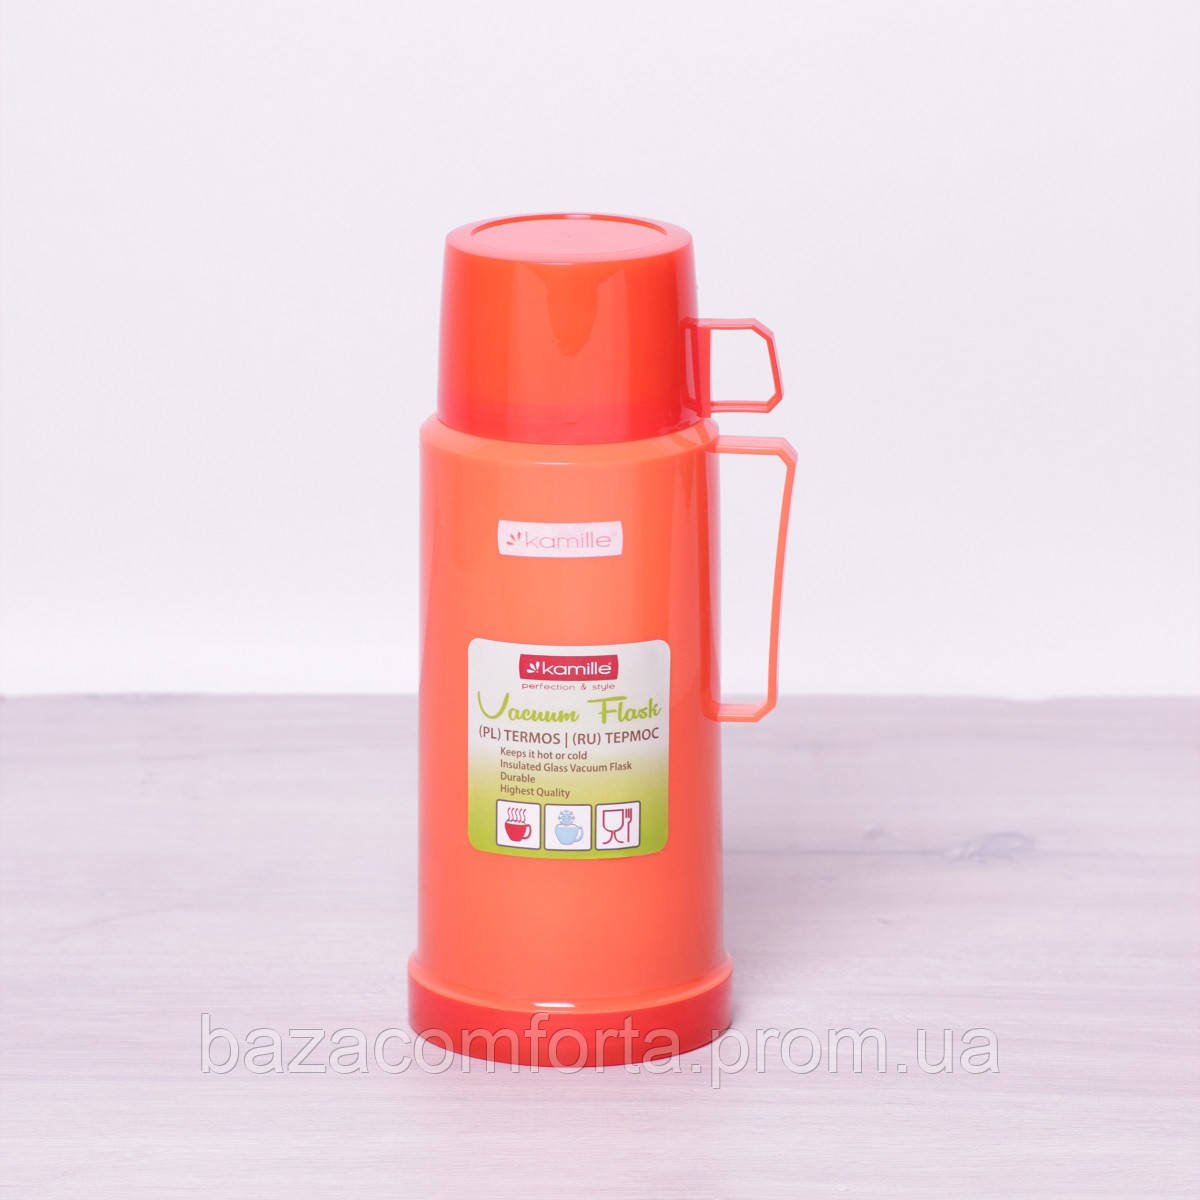 Термос 2072 пластиковый со стеклянной колбой Kamille 1000мл